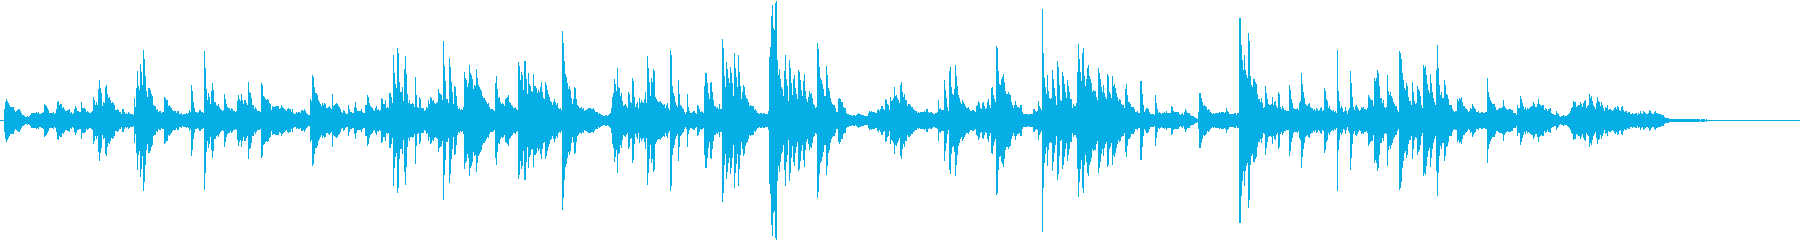 森の時間を表すヒーリングの再生済みの波形